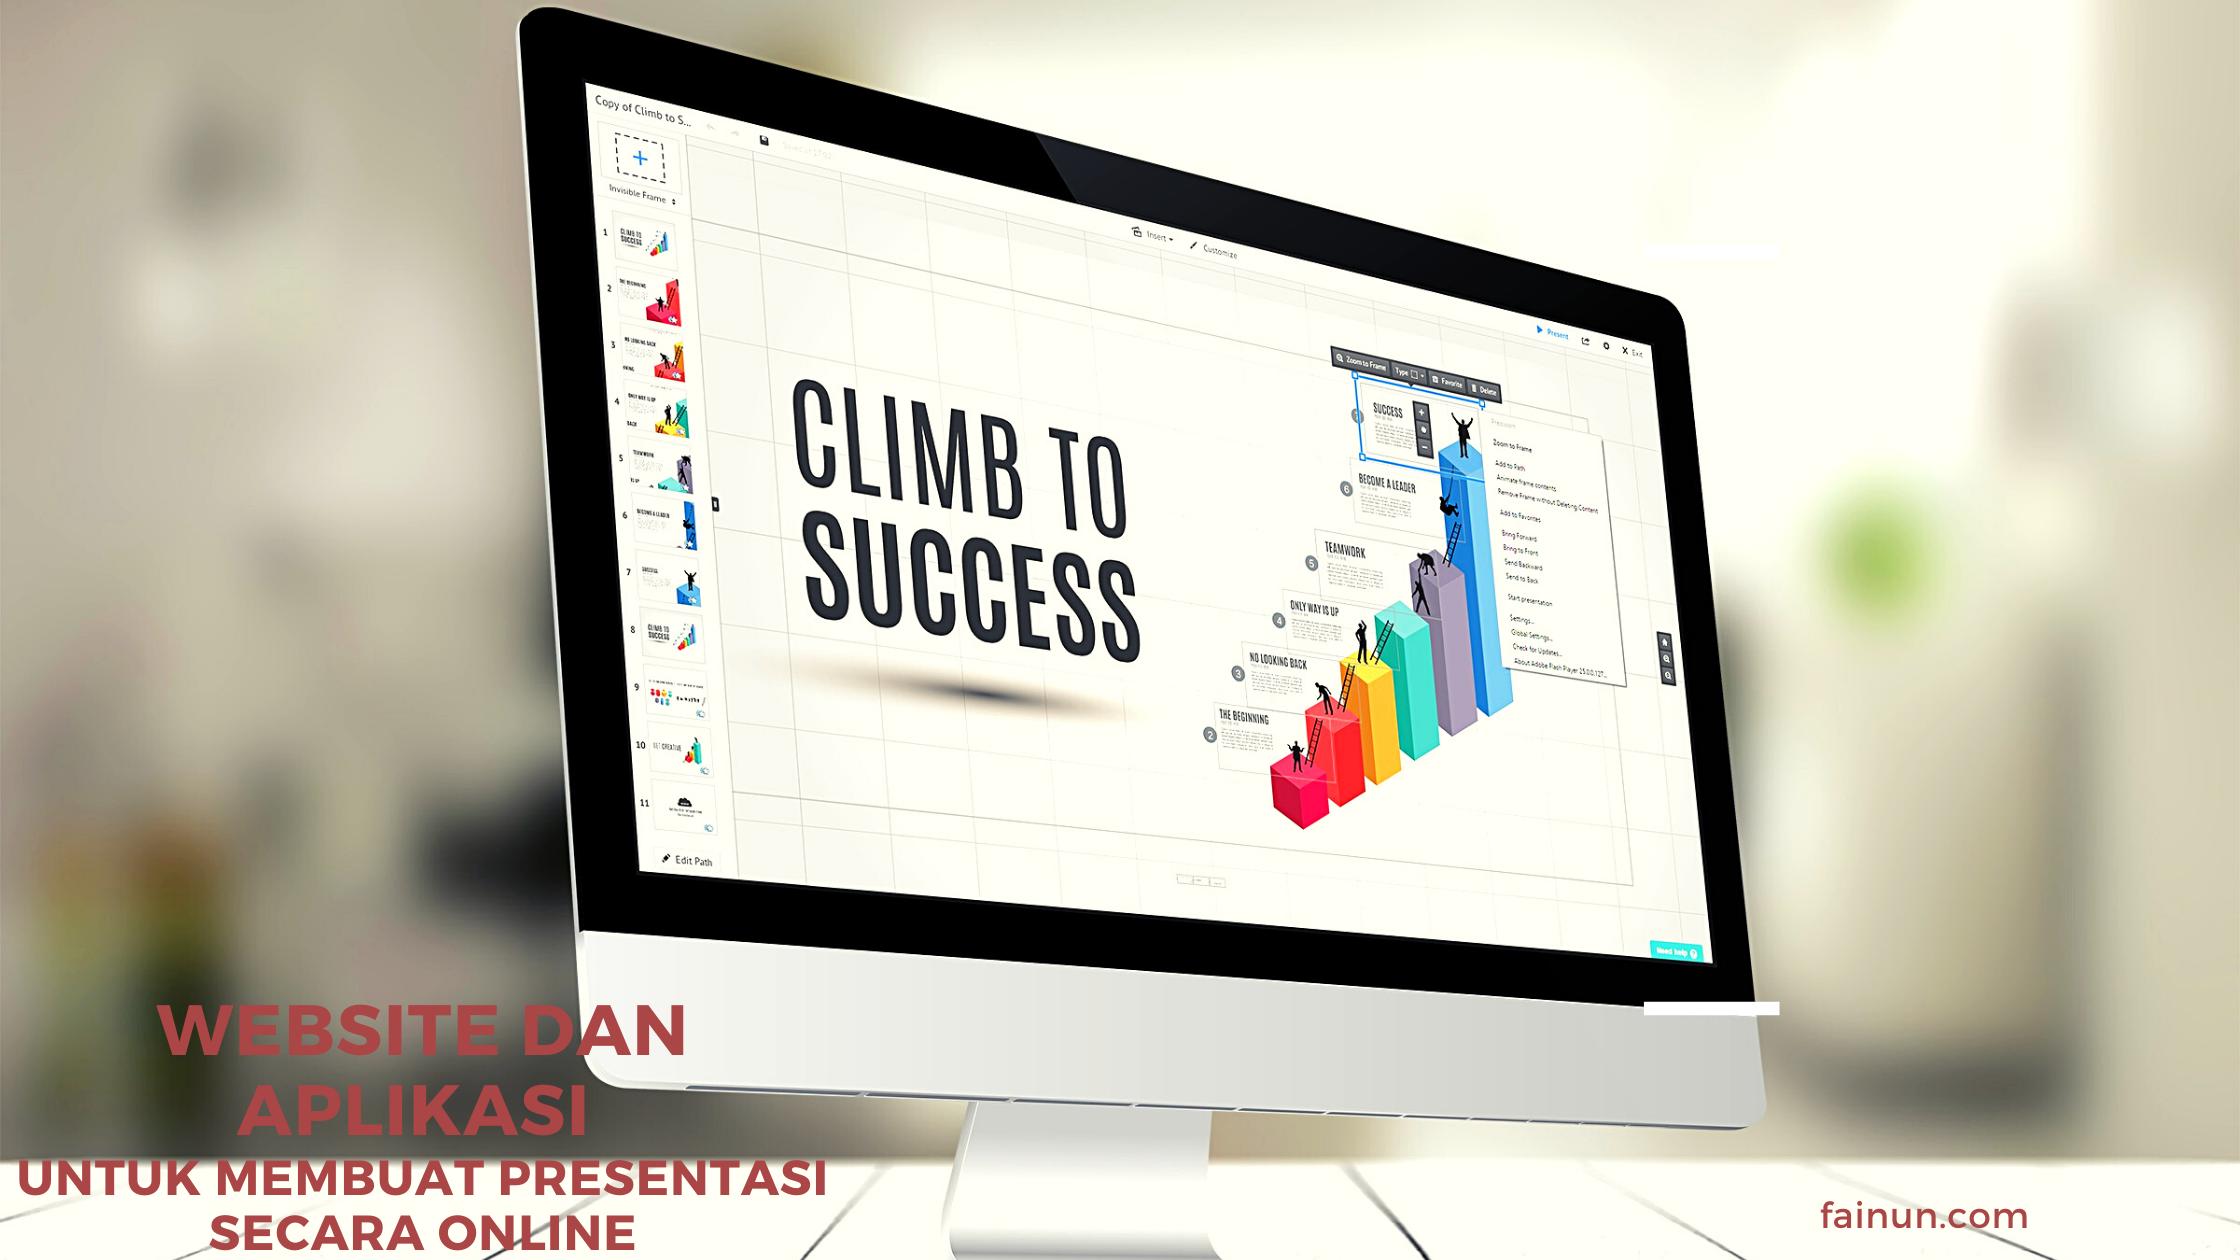 Website dan Aplikasi Untuk Membuat Presentasi Secara Online